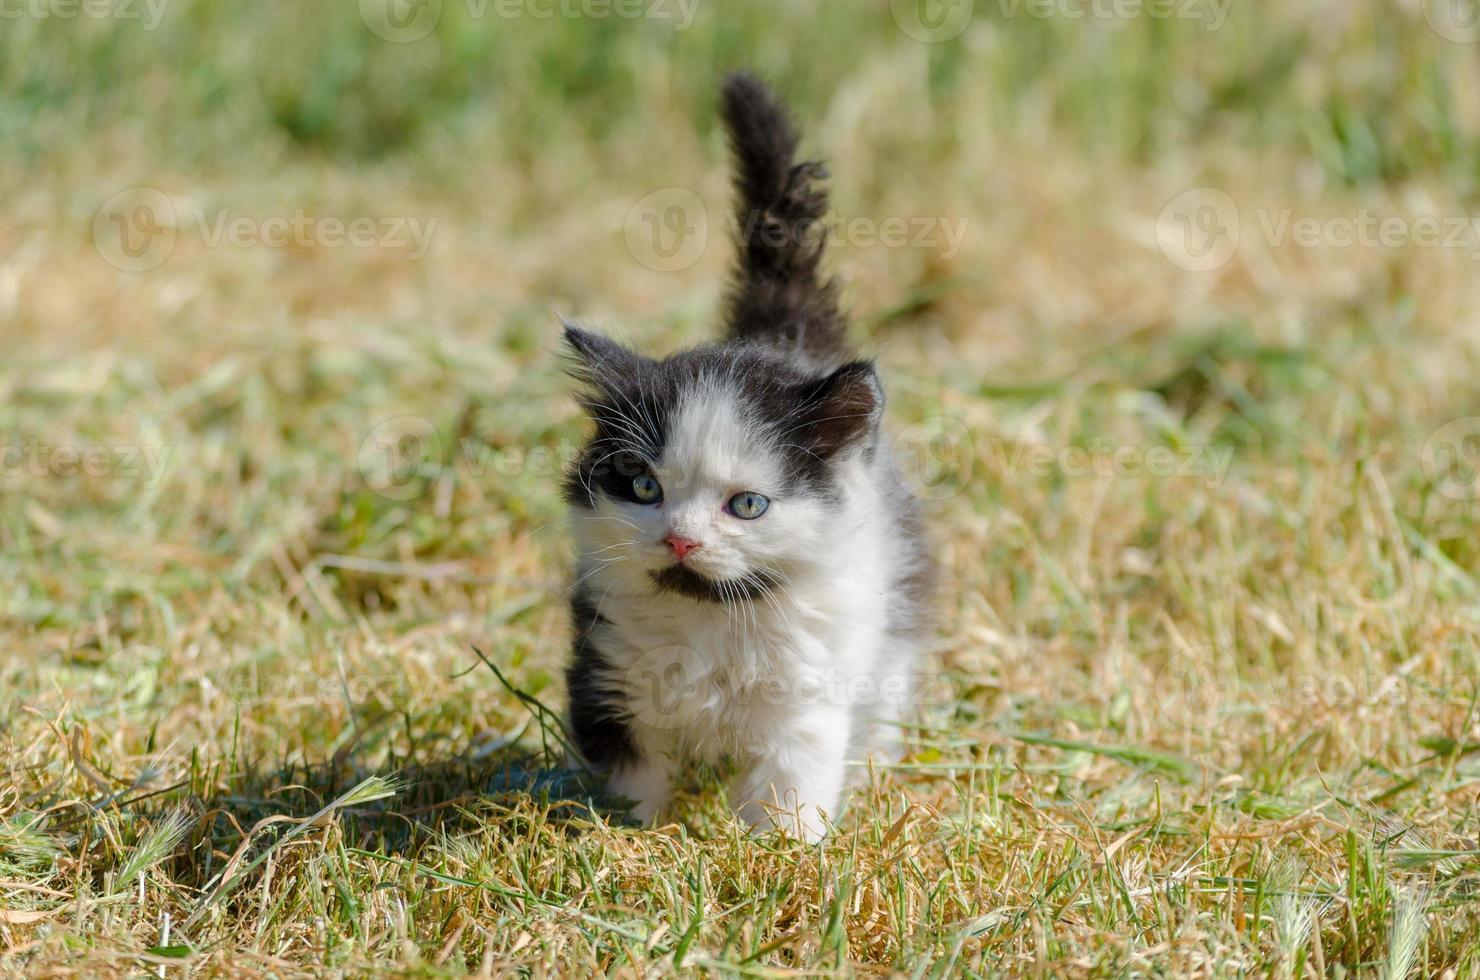 zwart-wit kitten in het gras foto